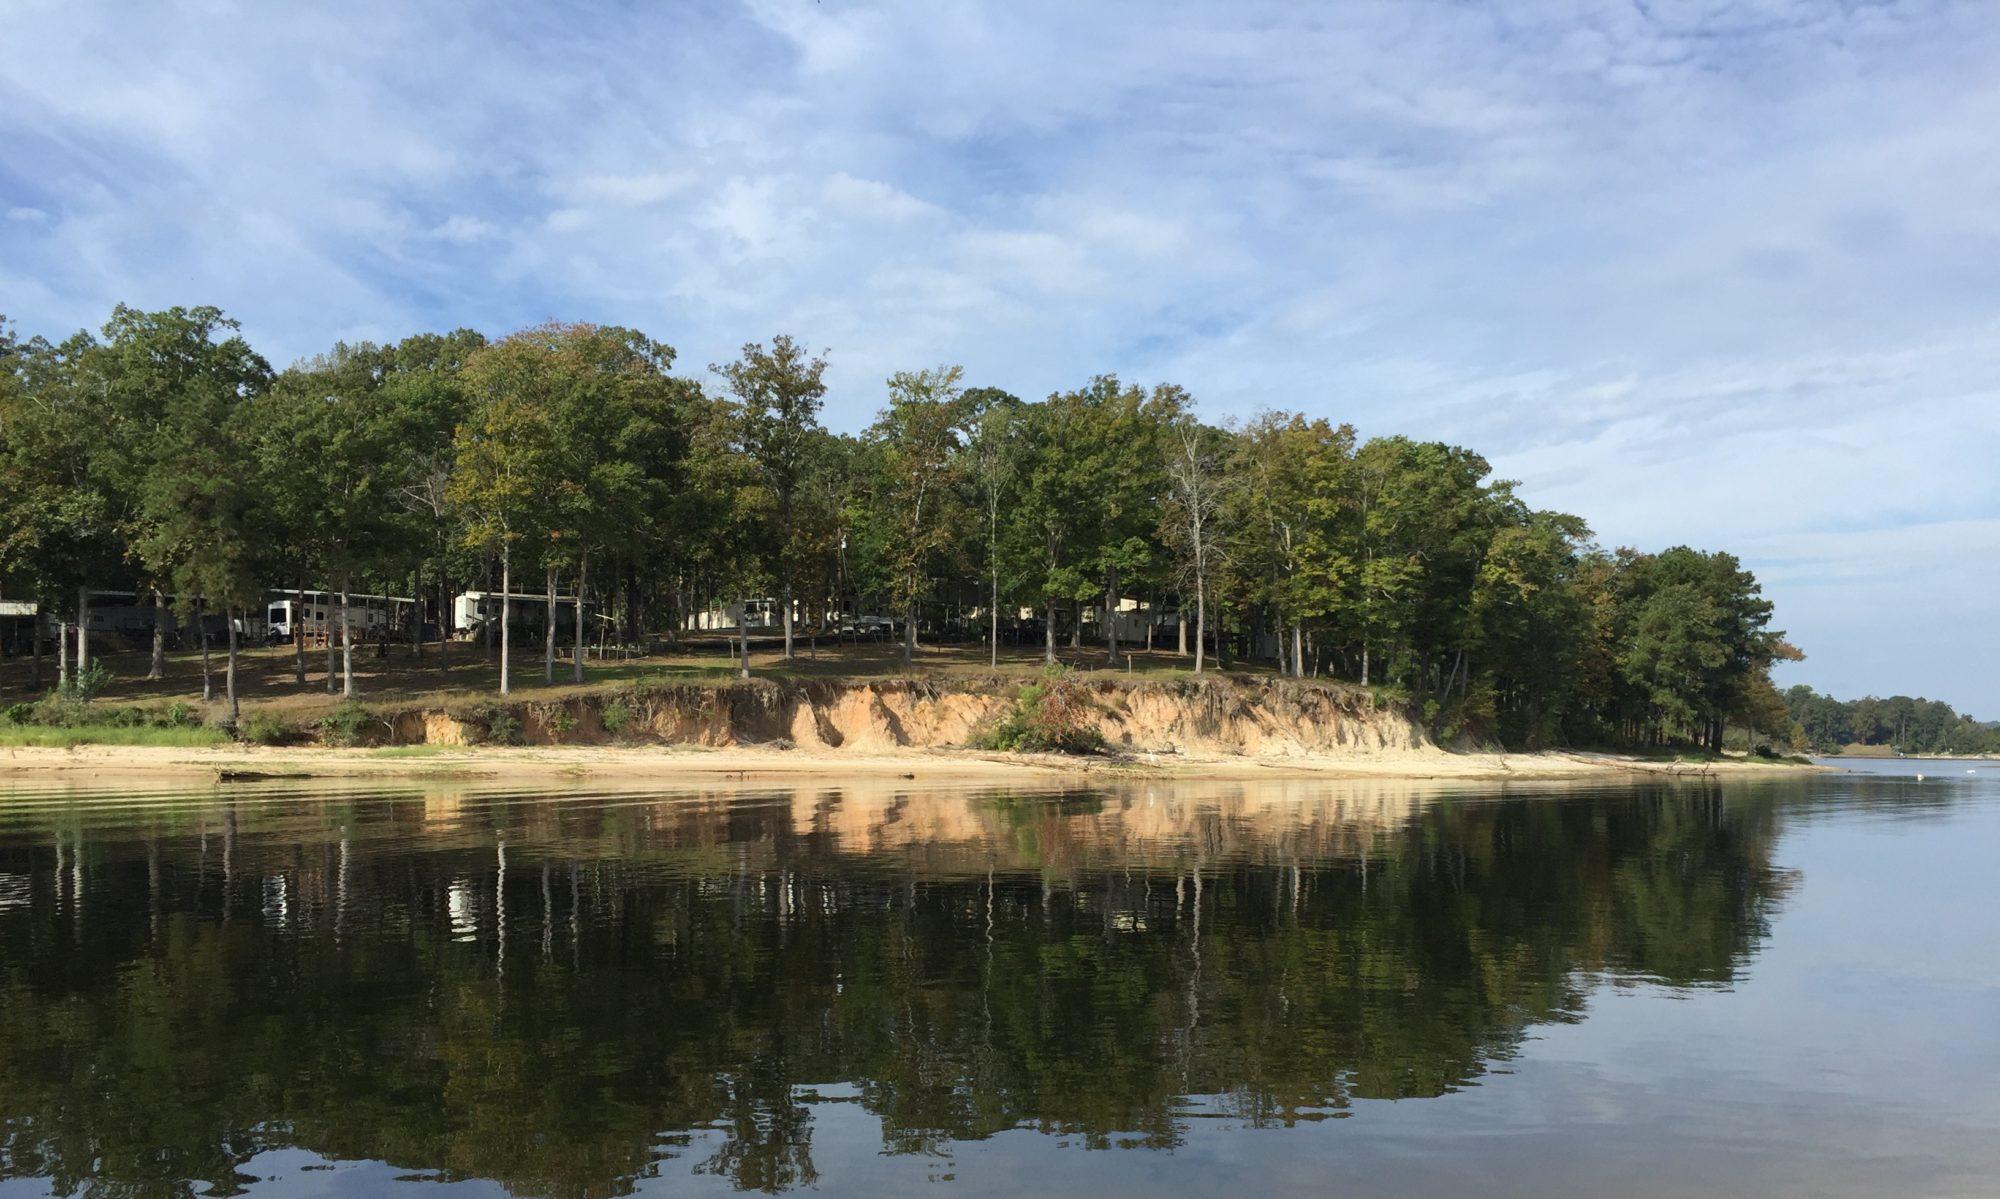 Shady Oaks Marina and RV Park